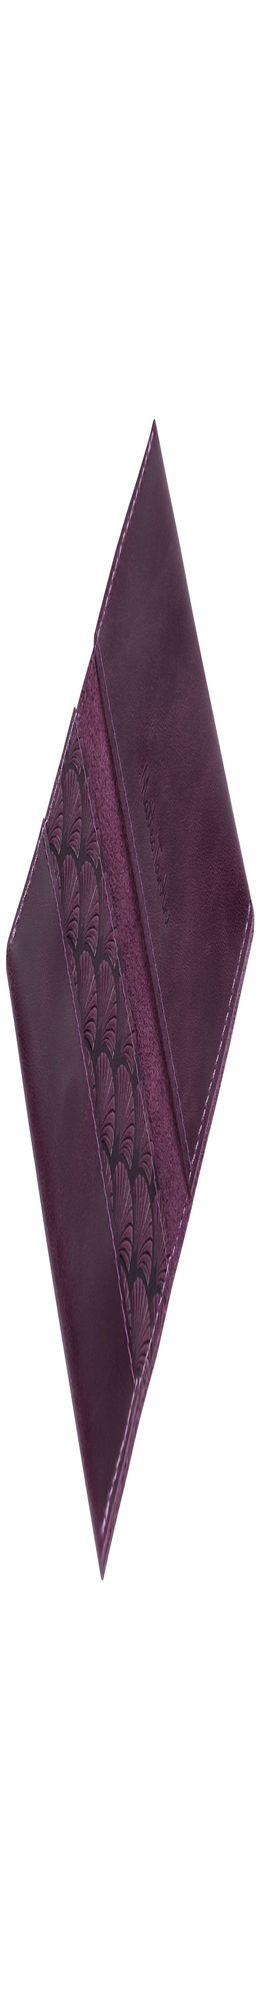 Футляр для визиток Letizia, фиолетовый фото